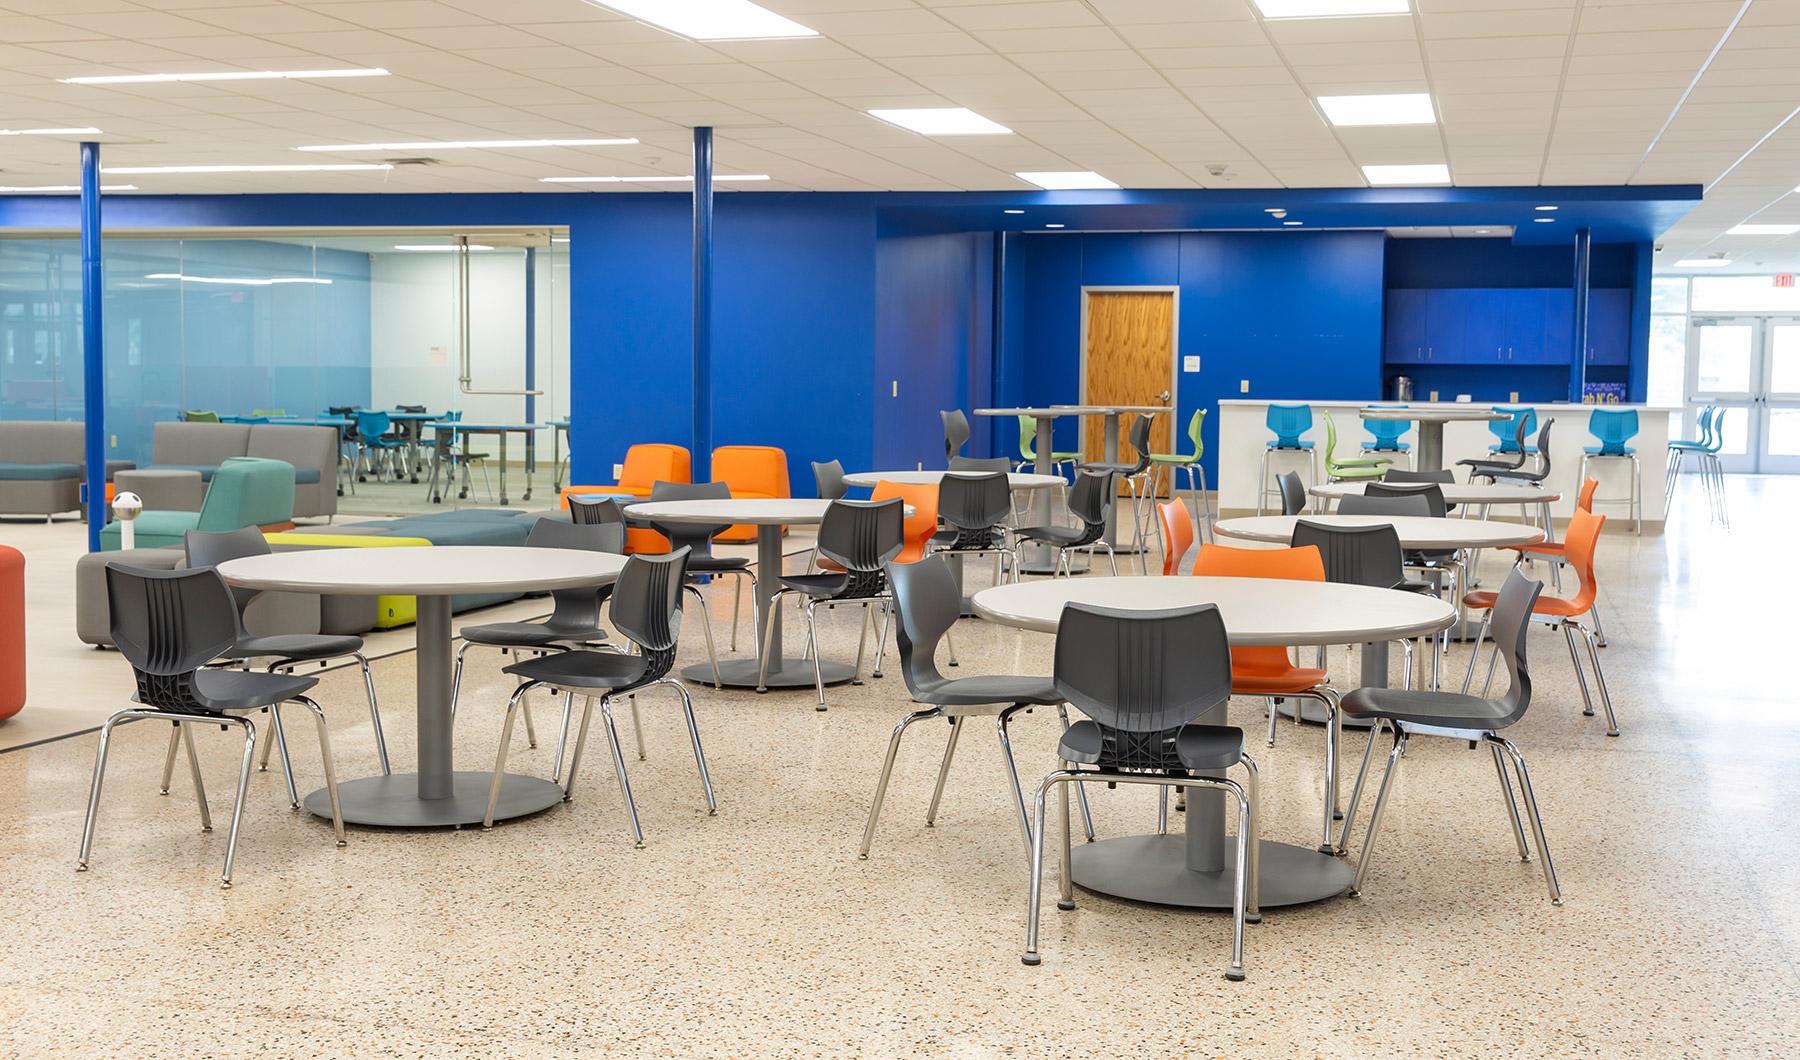 Hawkins Independent School District